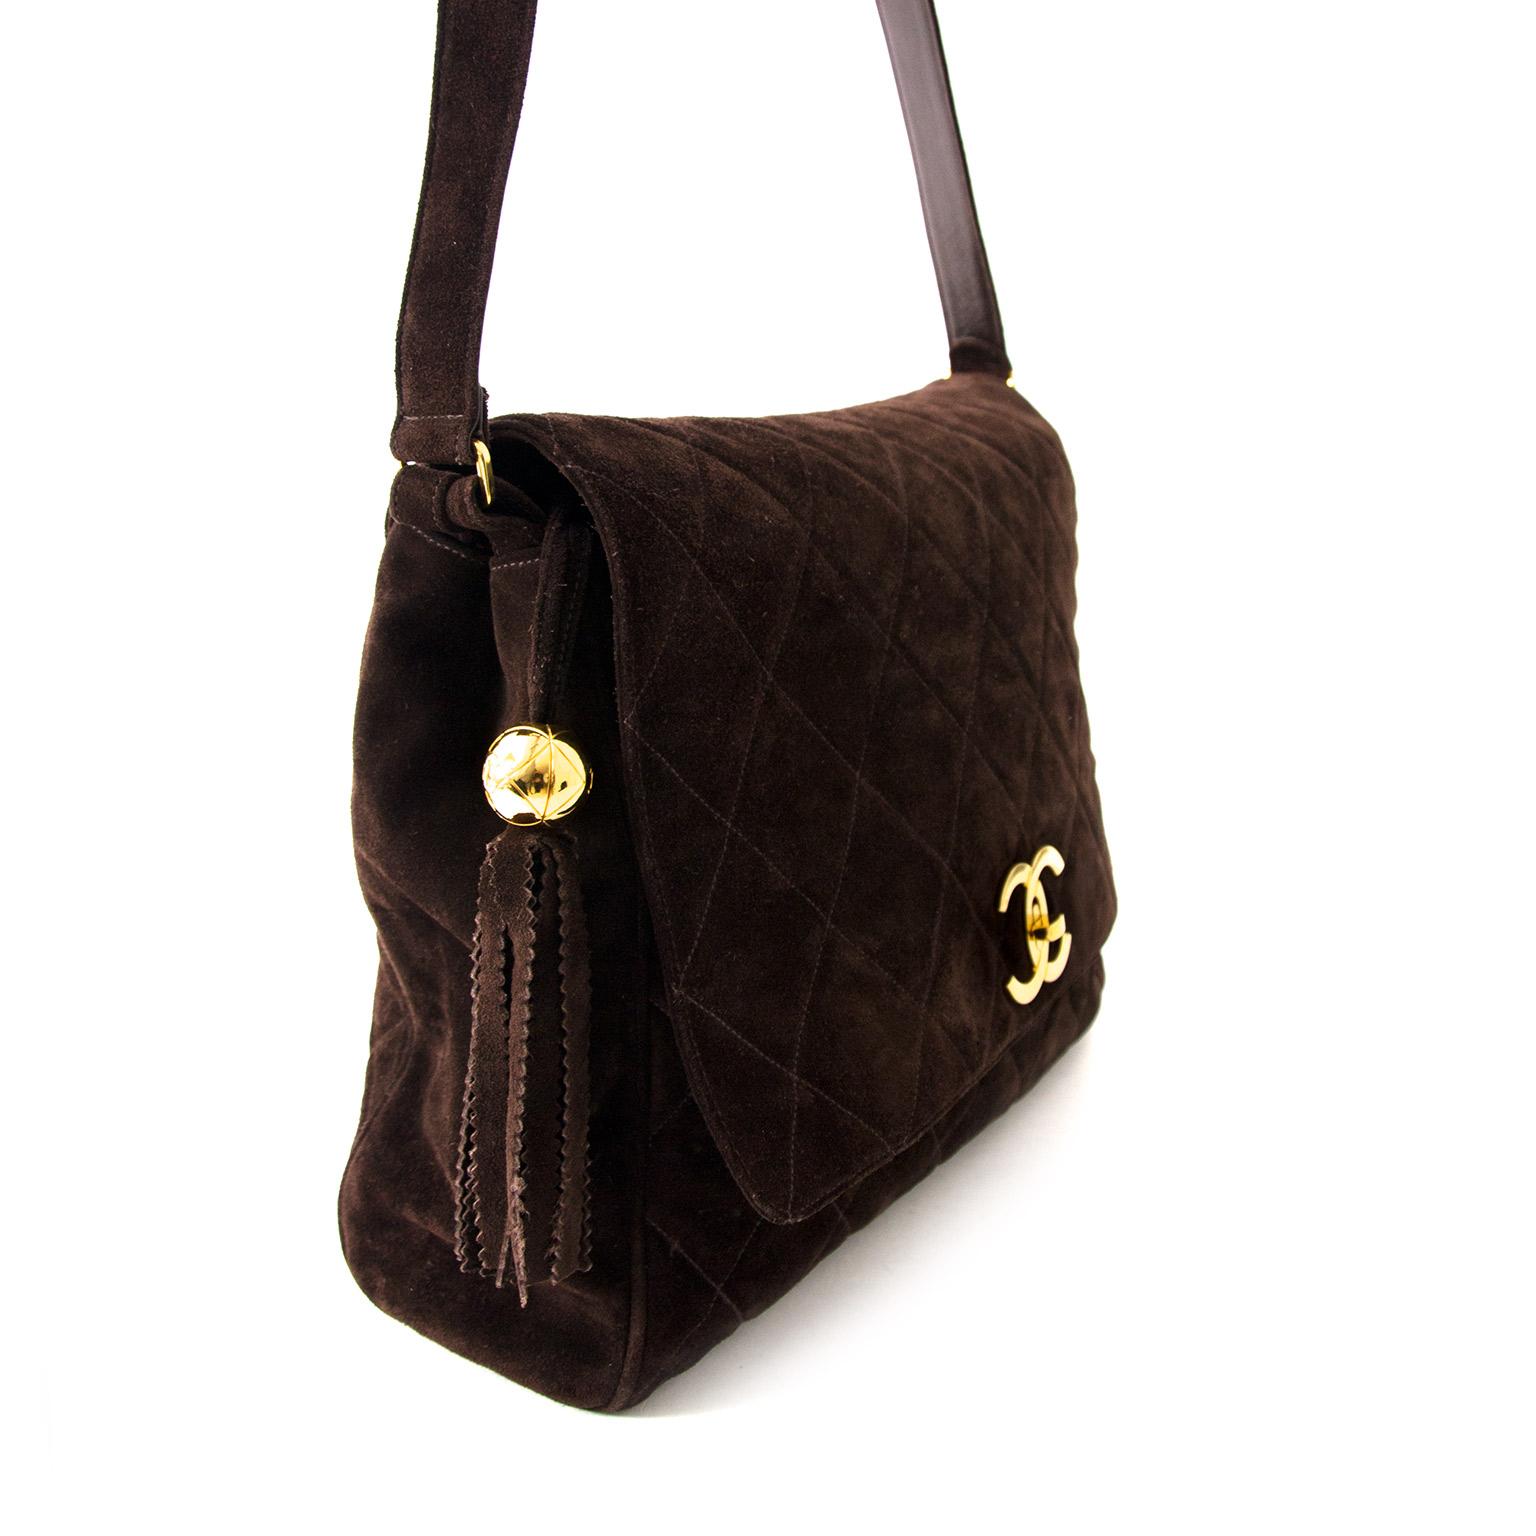 acheter enligne Chanel Brown Suede Messenger Bag pour le meilleur prix